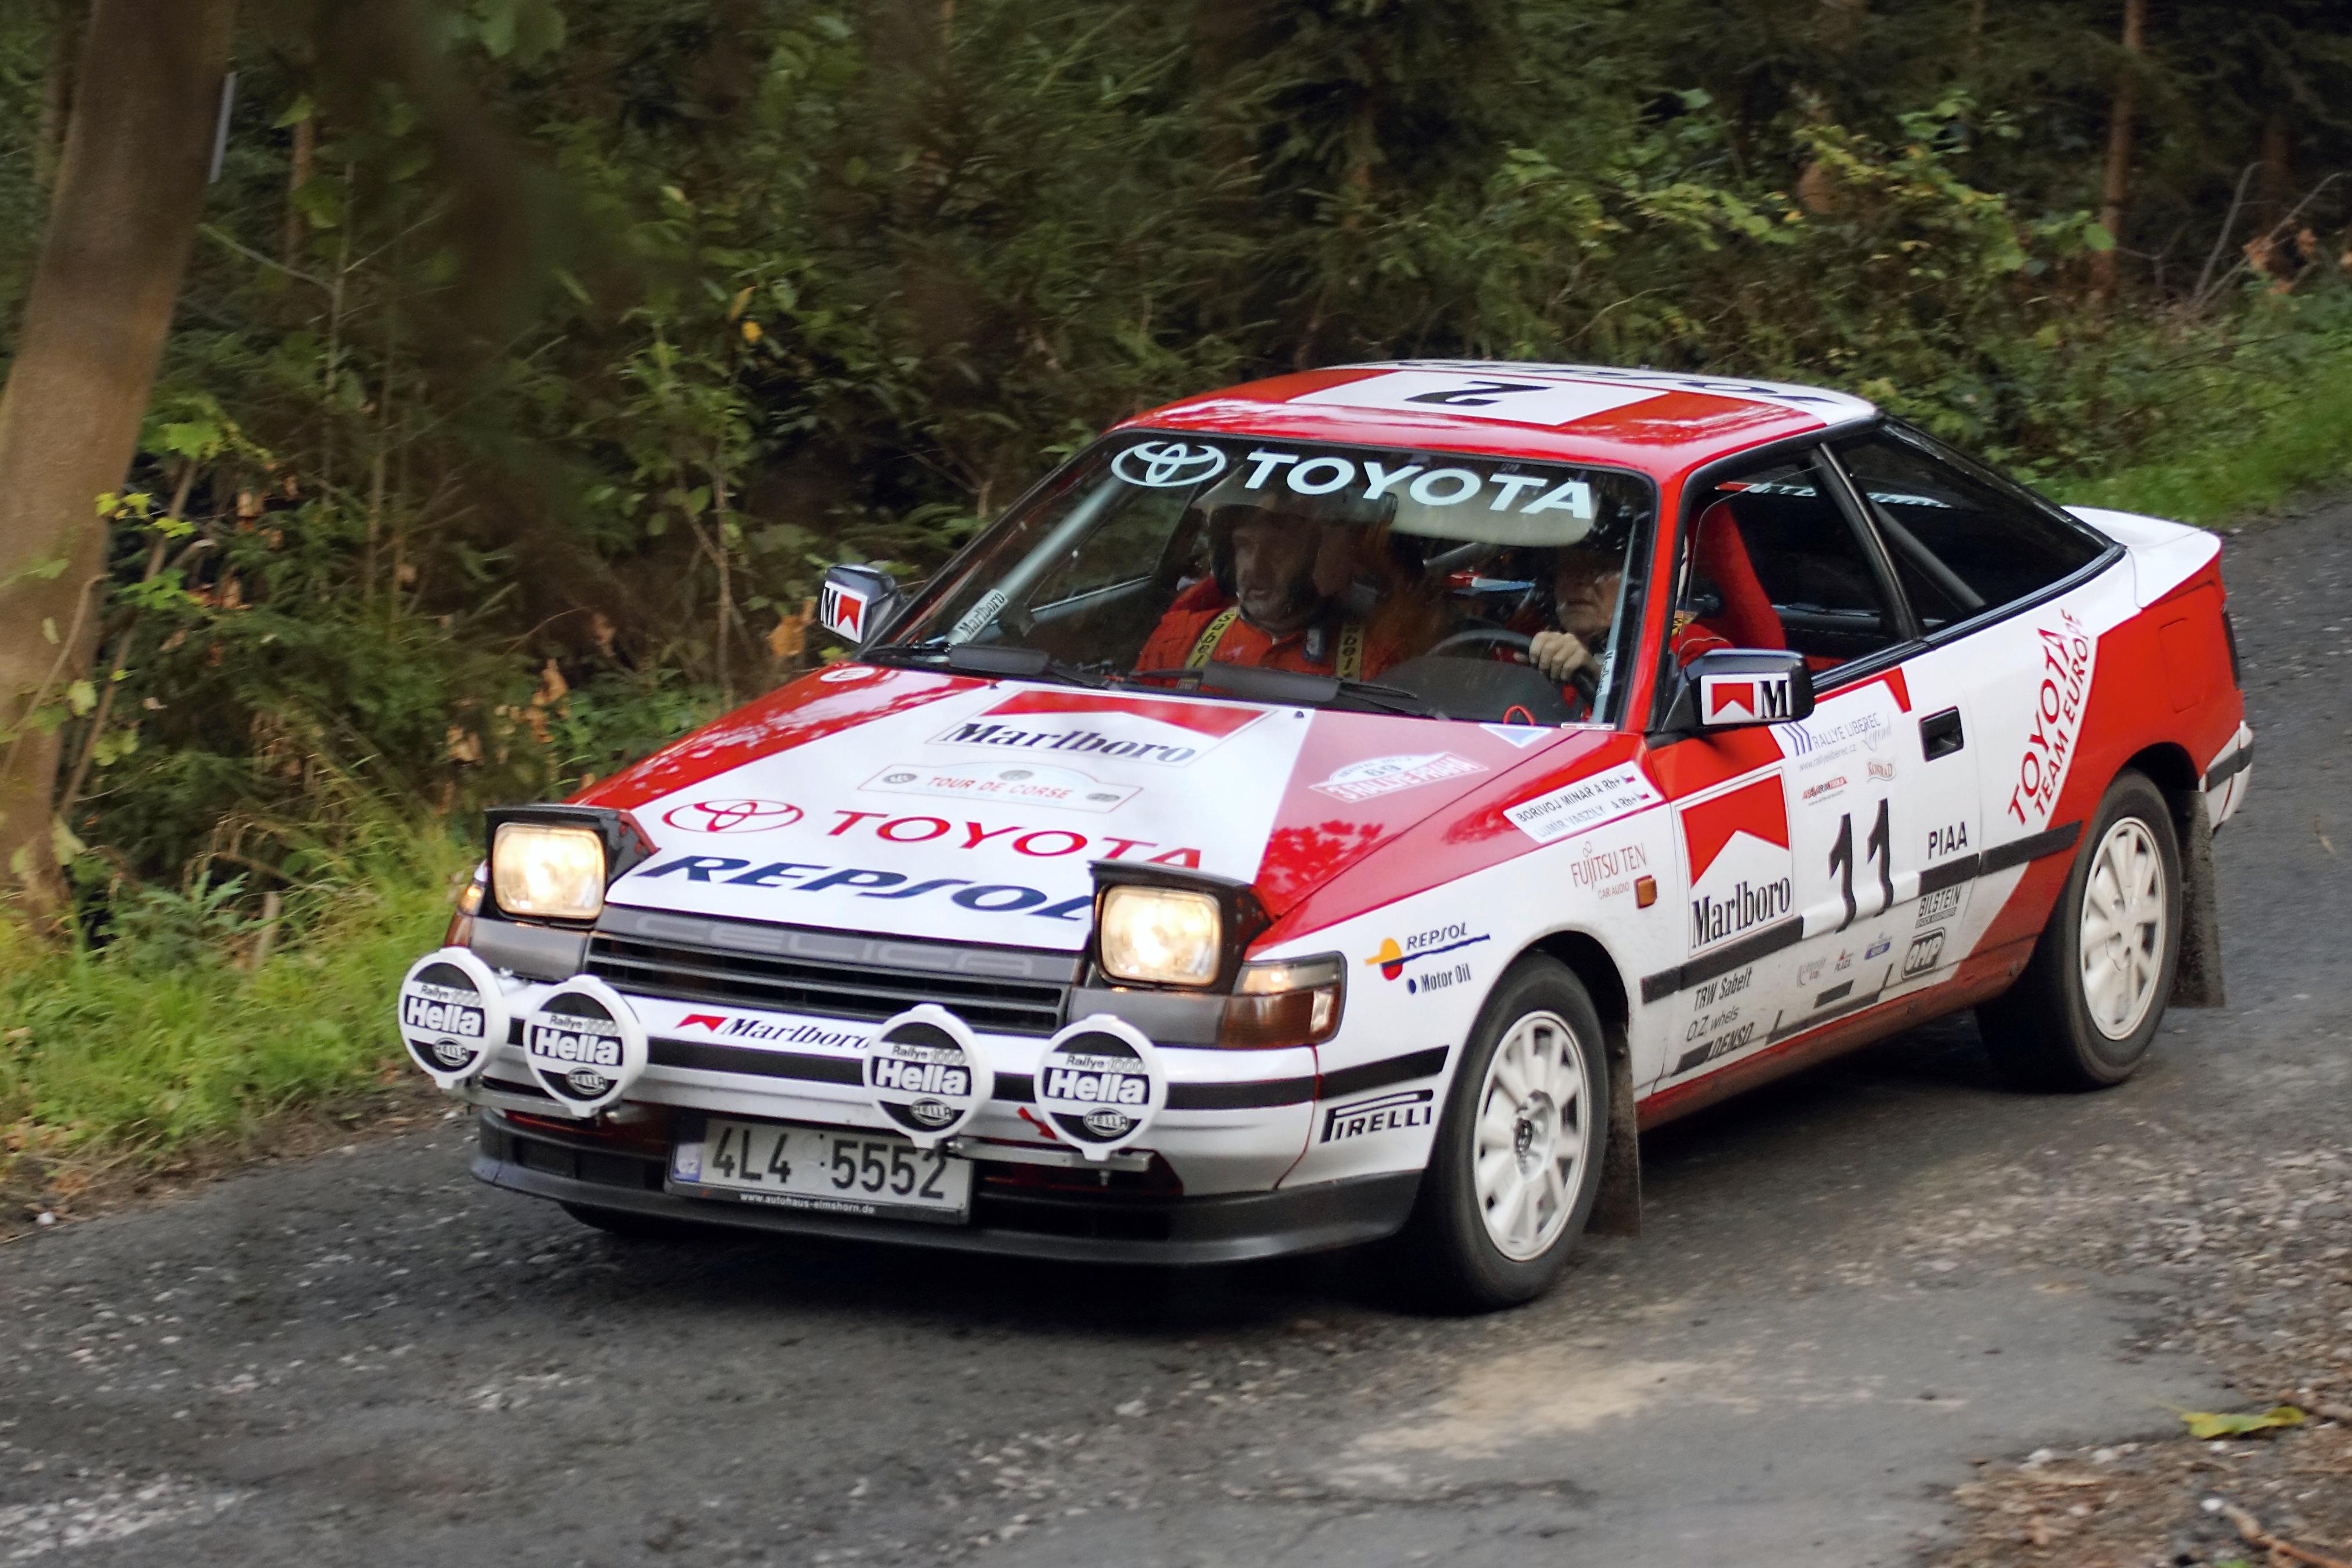 temporada 1990 del campeonato mundial de rally